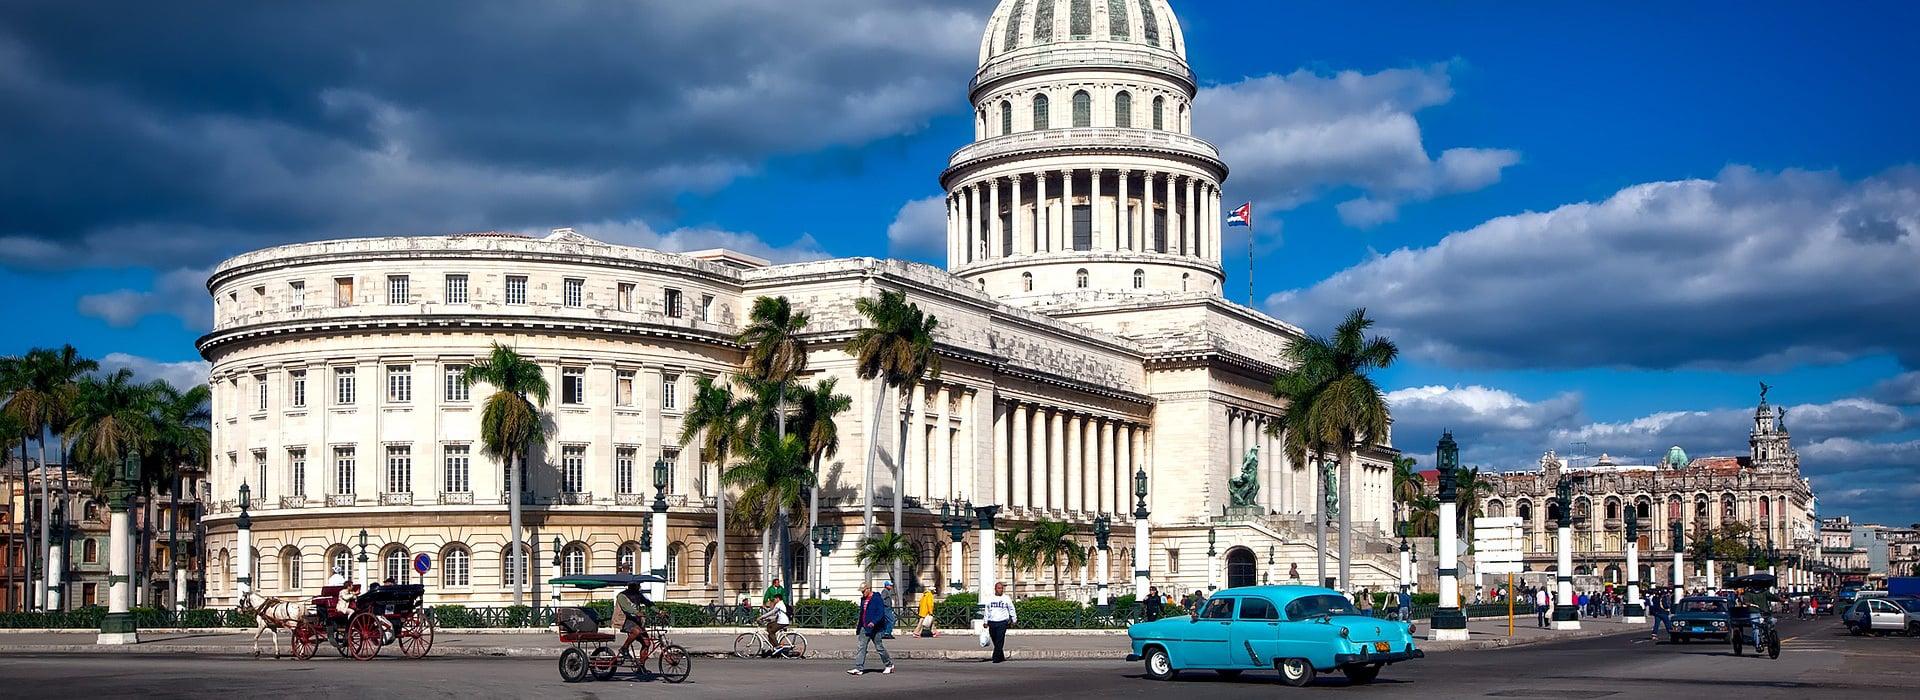 Hlavní kubánské město Havana